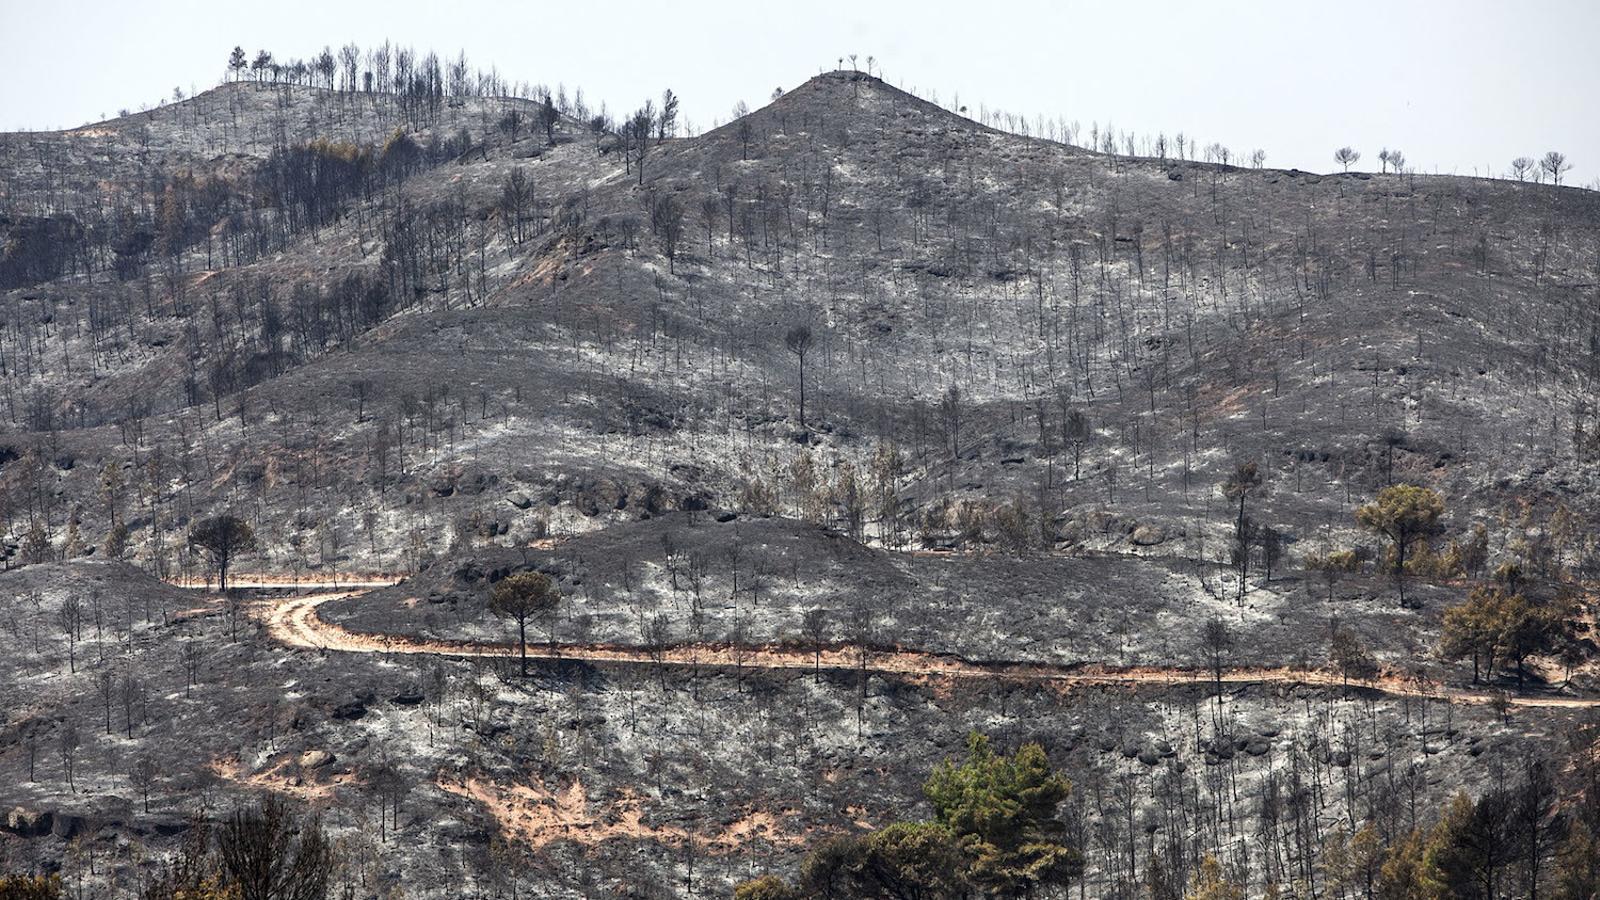 Els focs forestals seran més freqüents